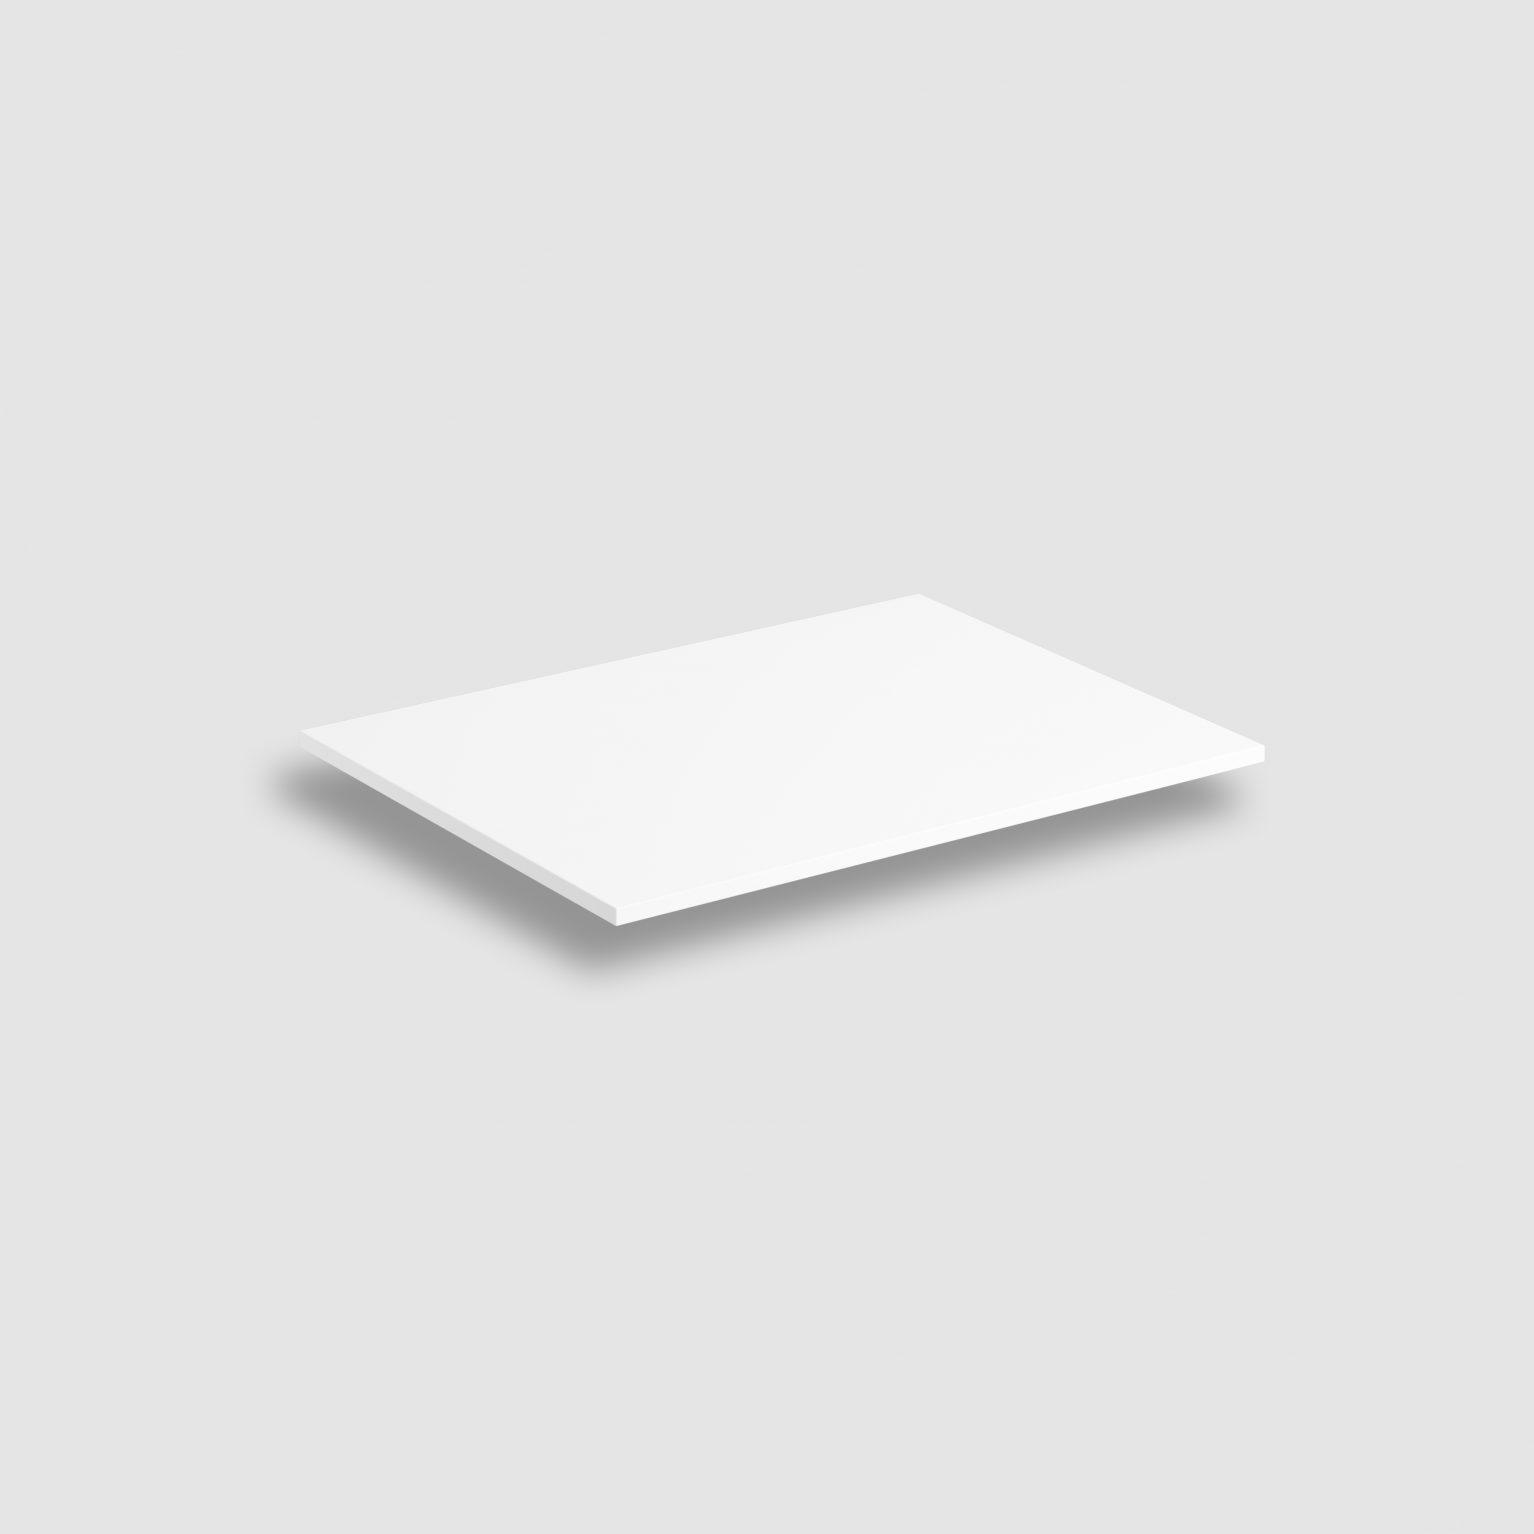 Hammock Frame inleg planchet 70 cm, mat wit aluite)